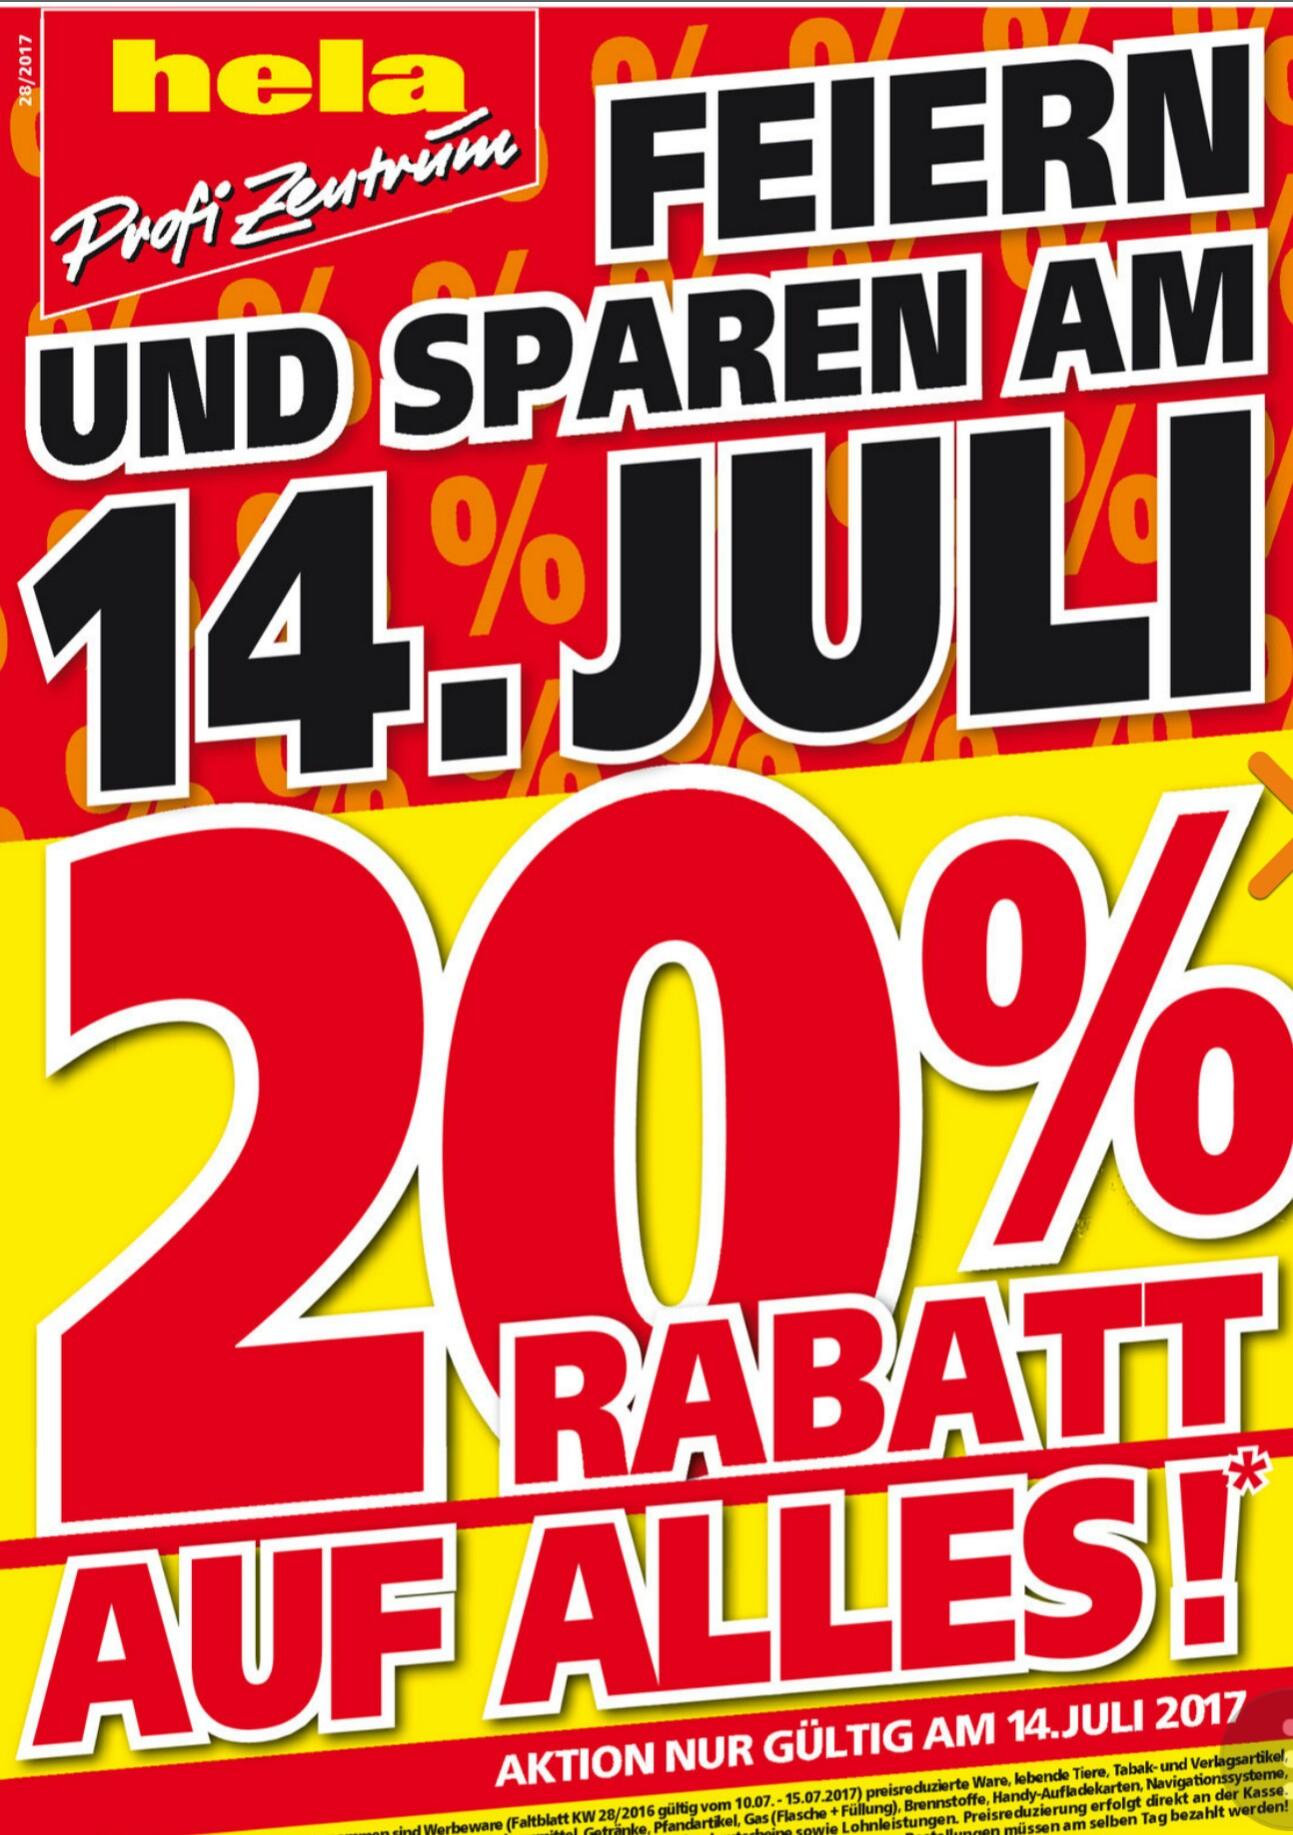 [lokal] Nur am 14.7.2017: 20% Rabatt auf alles bei Hela Baumarkt Müllheim, evtl auch andere Standorte